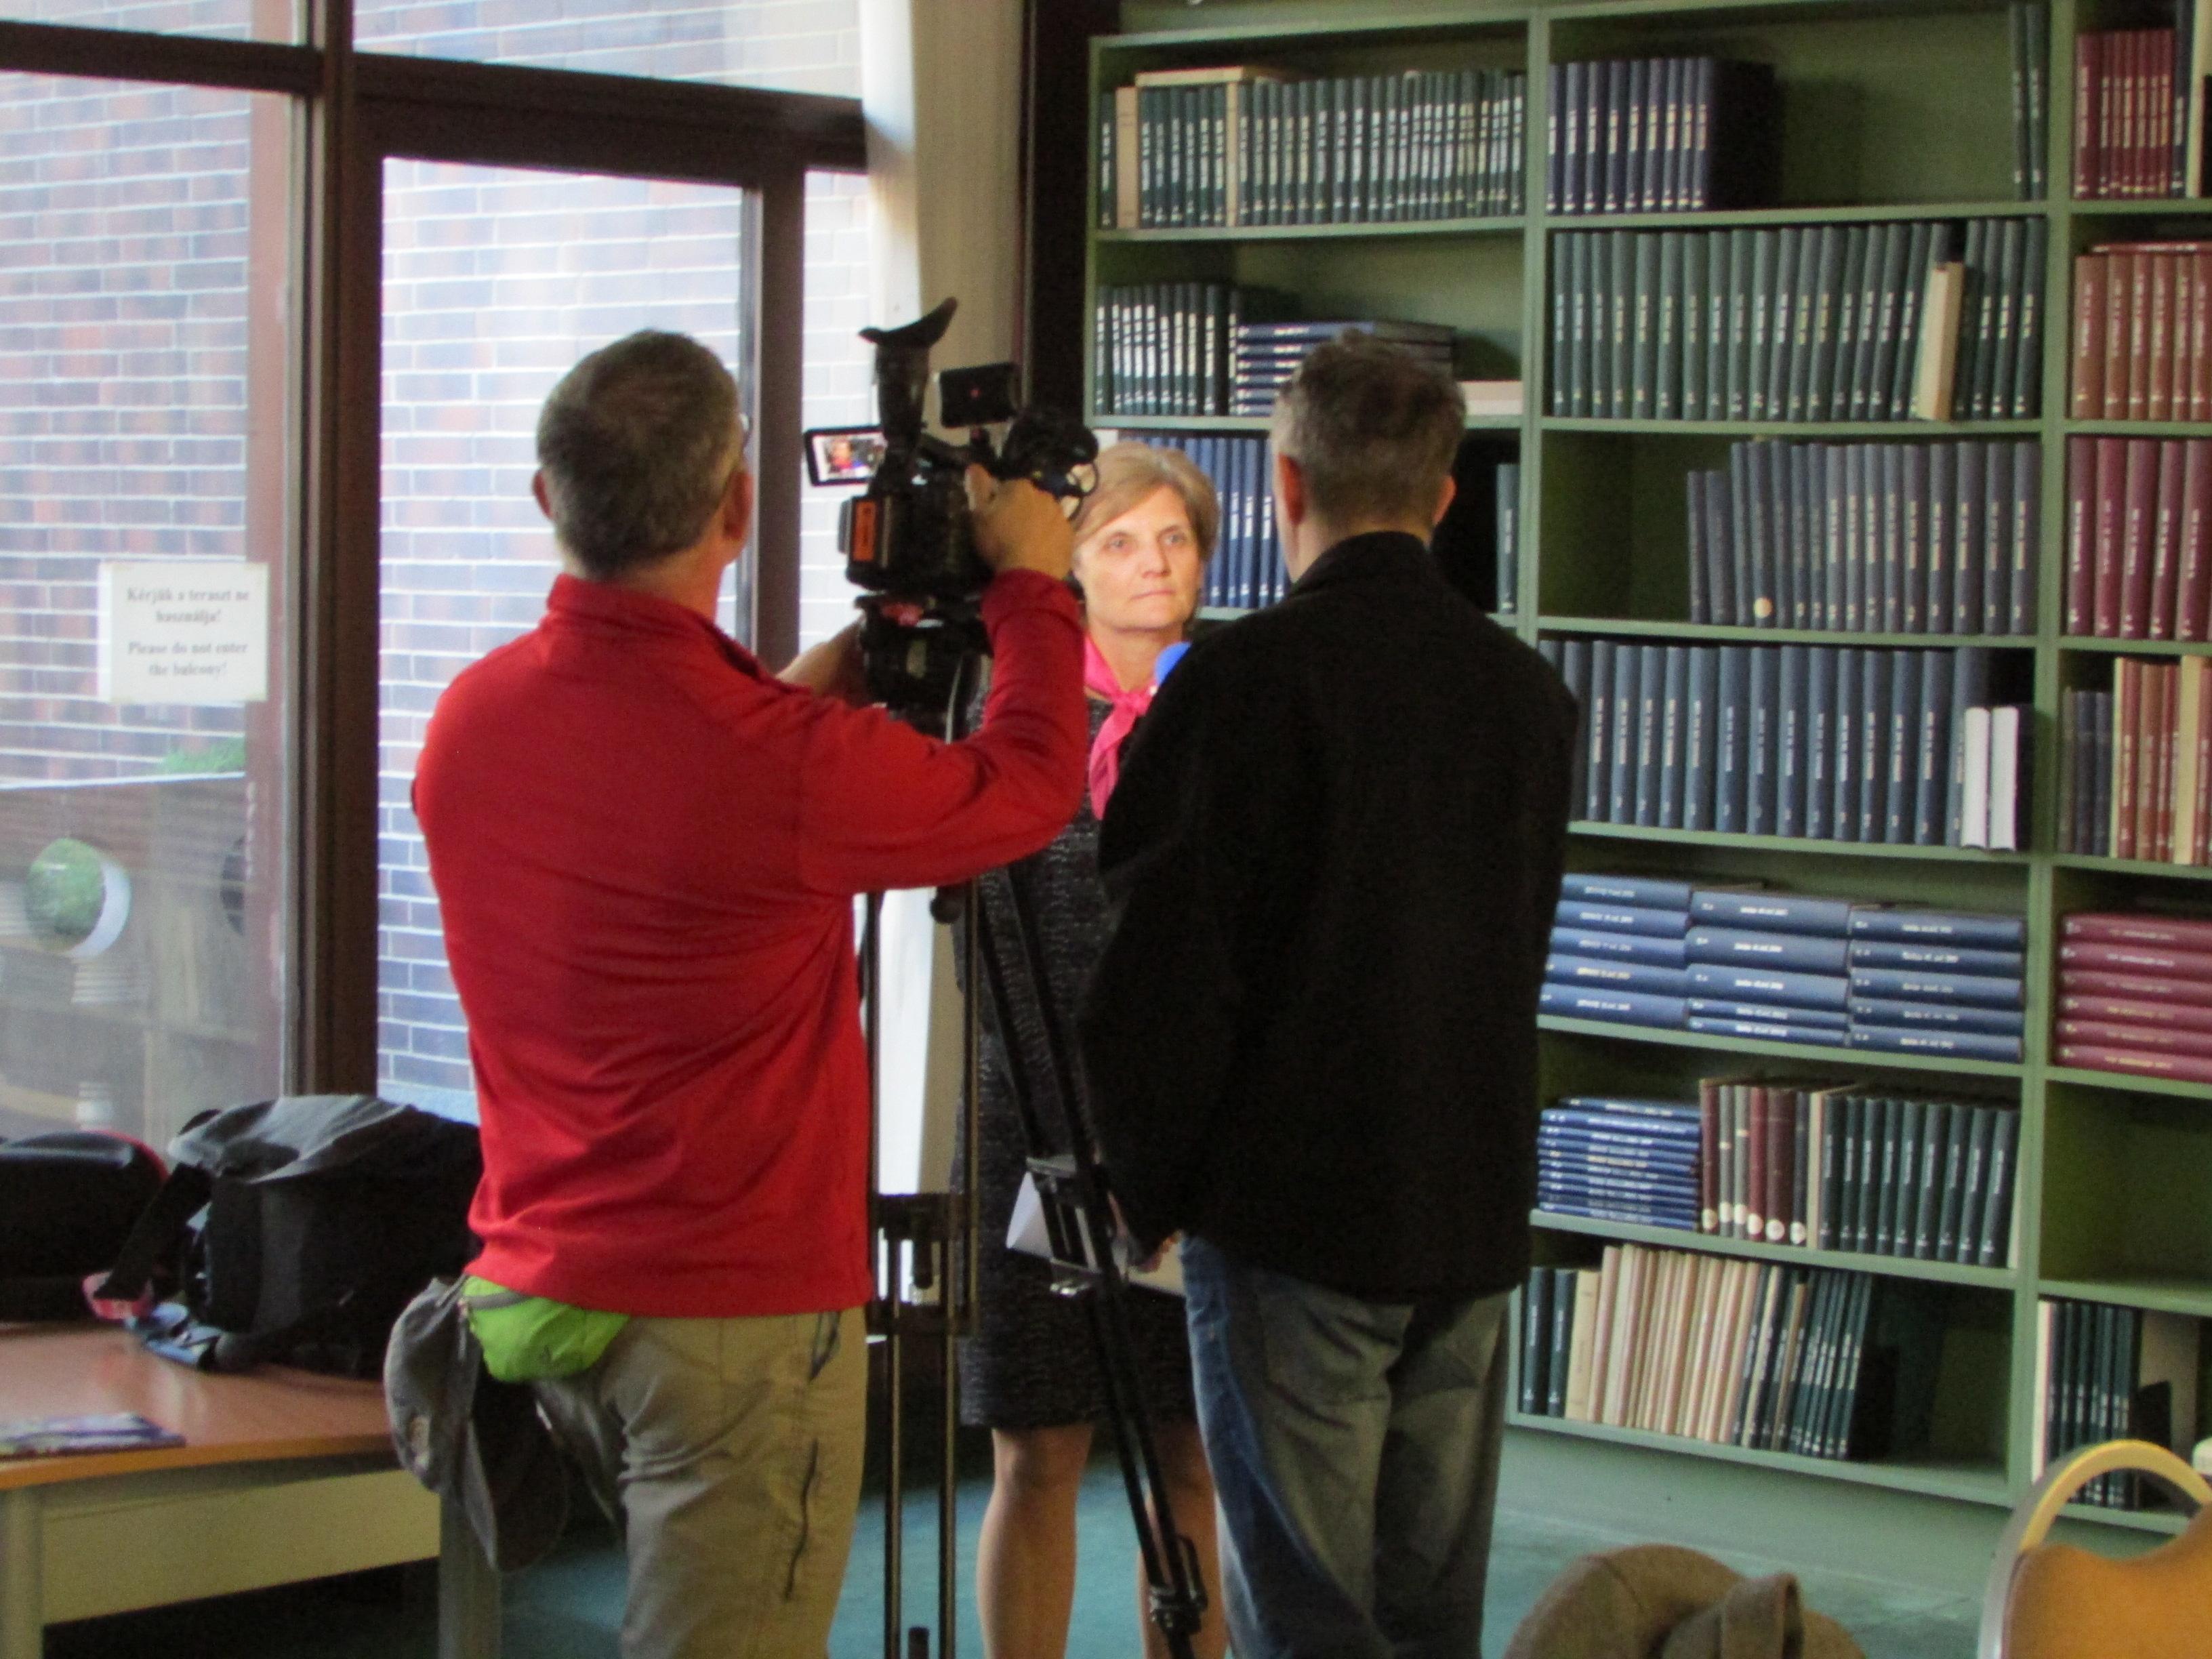 Az én könyvtáram – Csongrád megyei szakmai bemutató és workshop